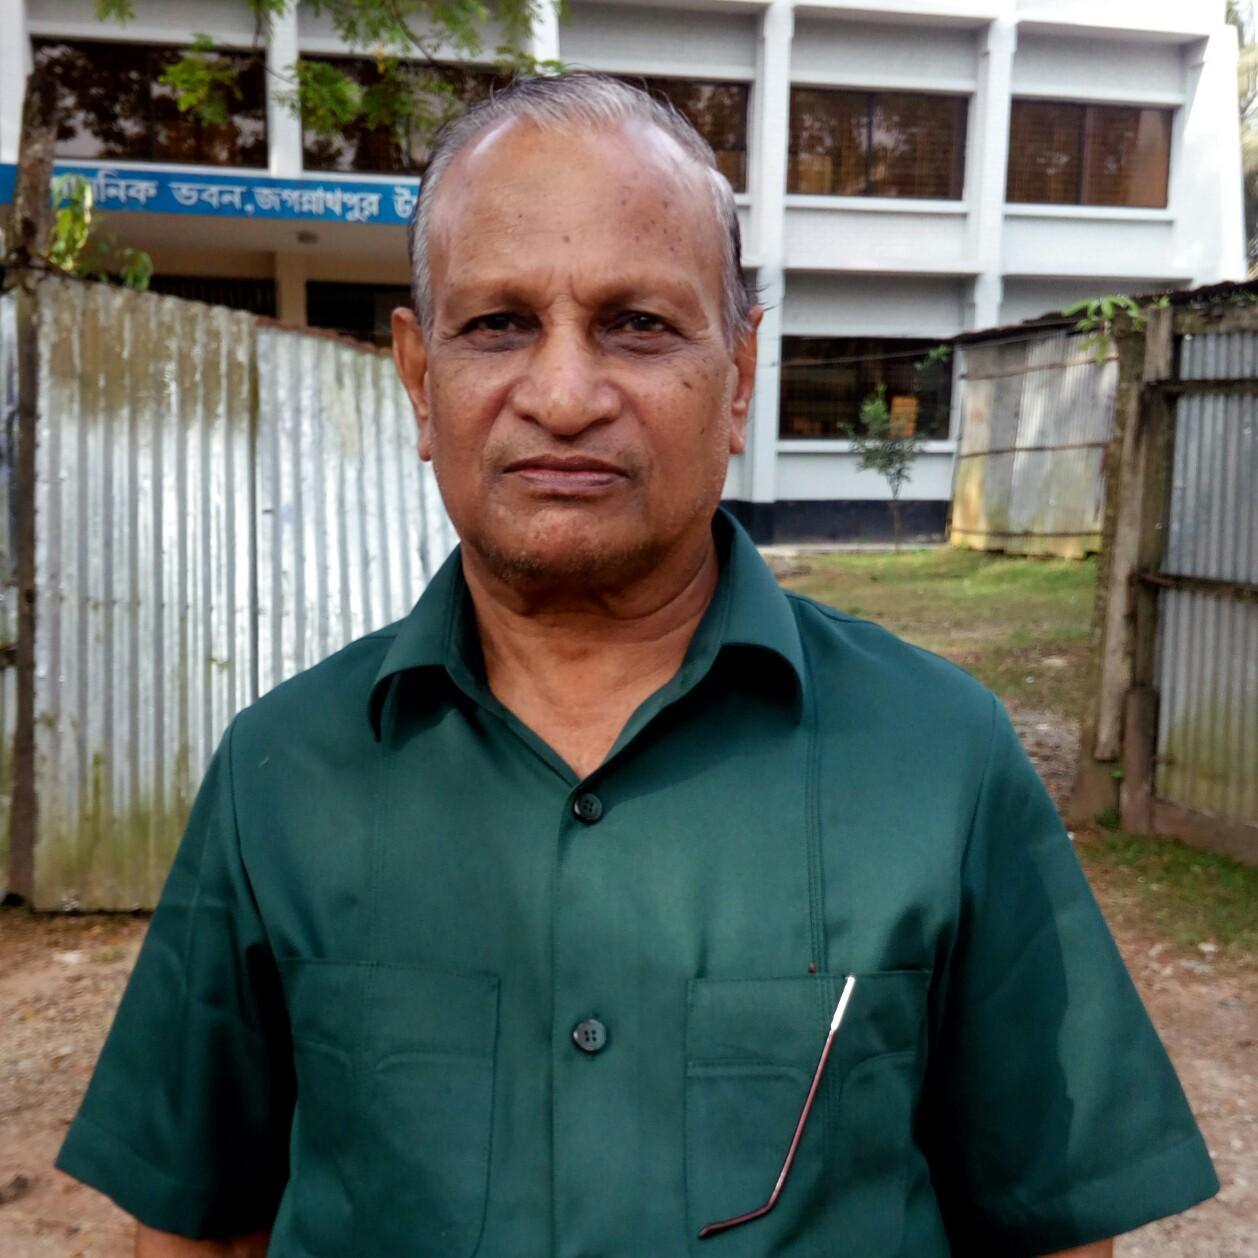 হাওর বাঁচাও সুনামগঞ্জ বাঁচাও আন্দোলন'র জগন্নাথপুর কমিটি গঠন